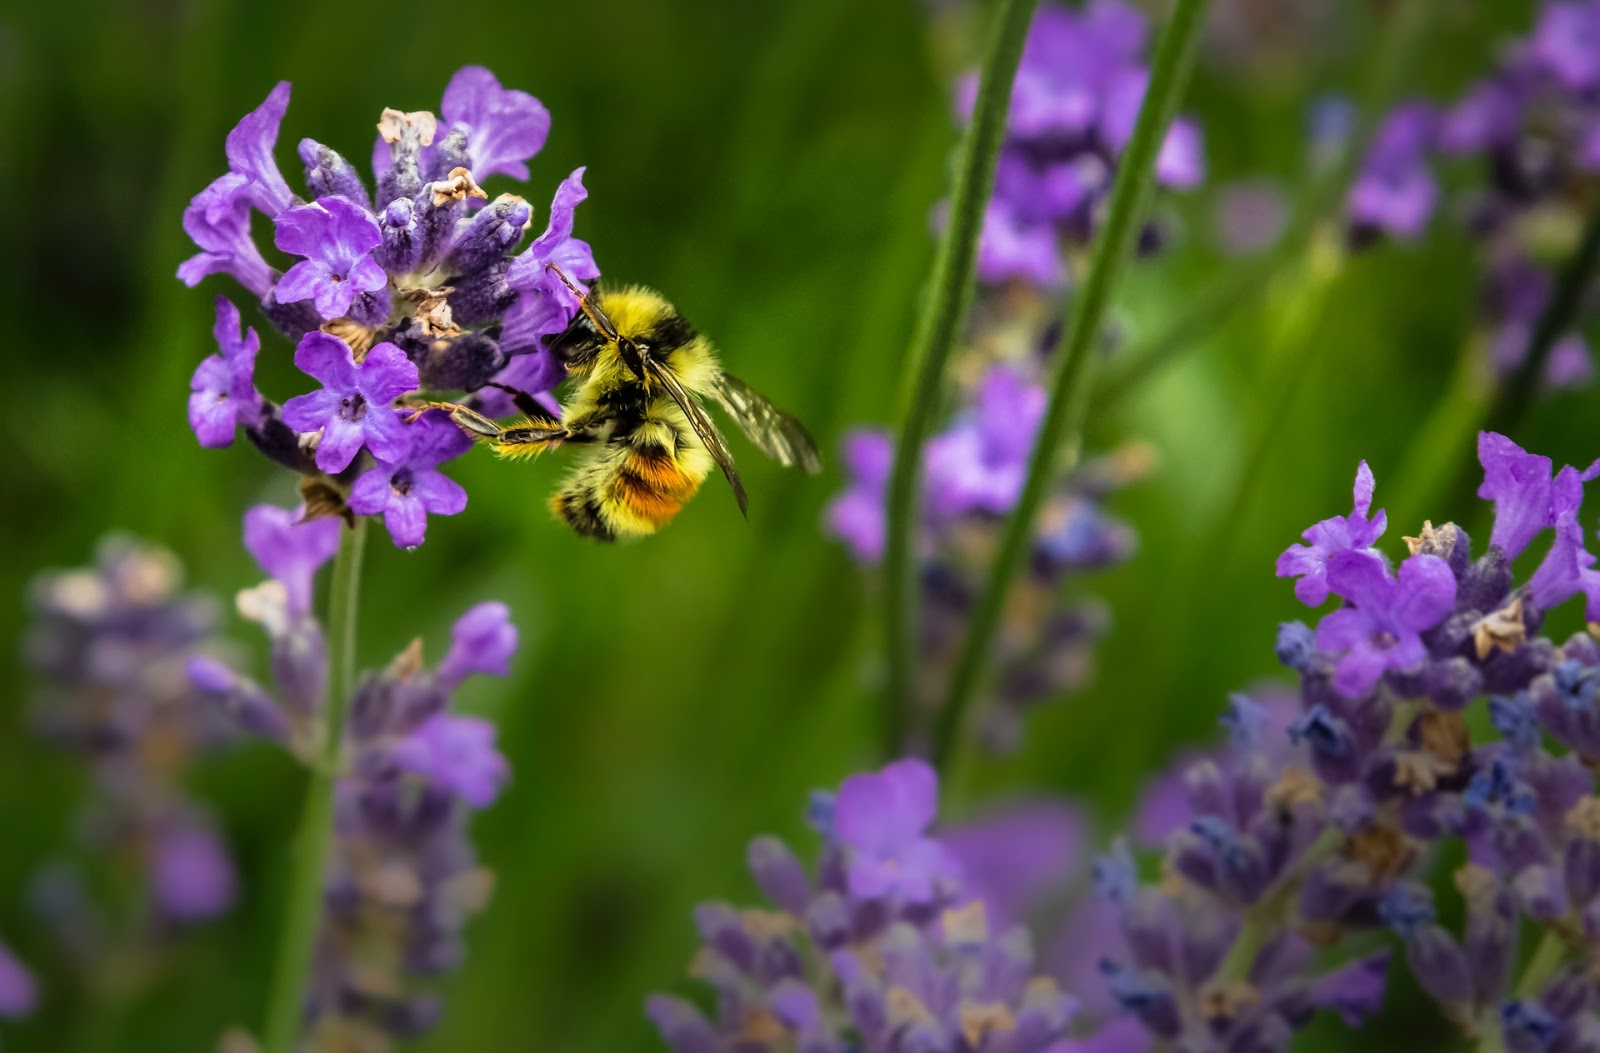 A bee on a purple flower in a field